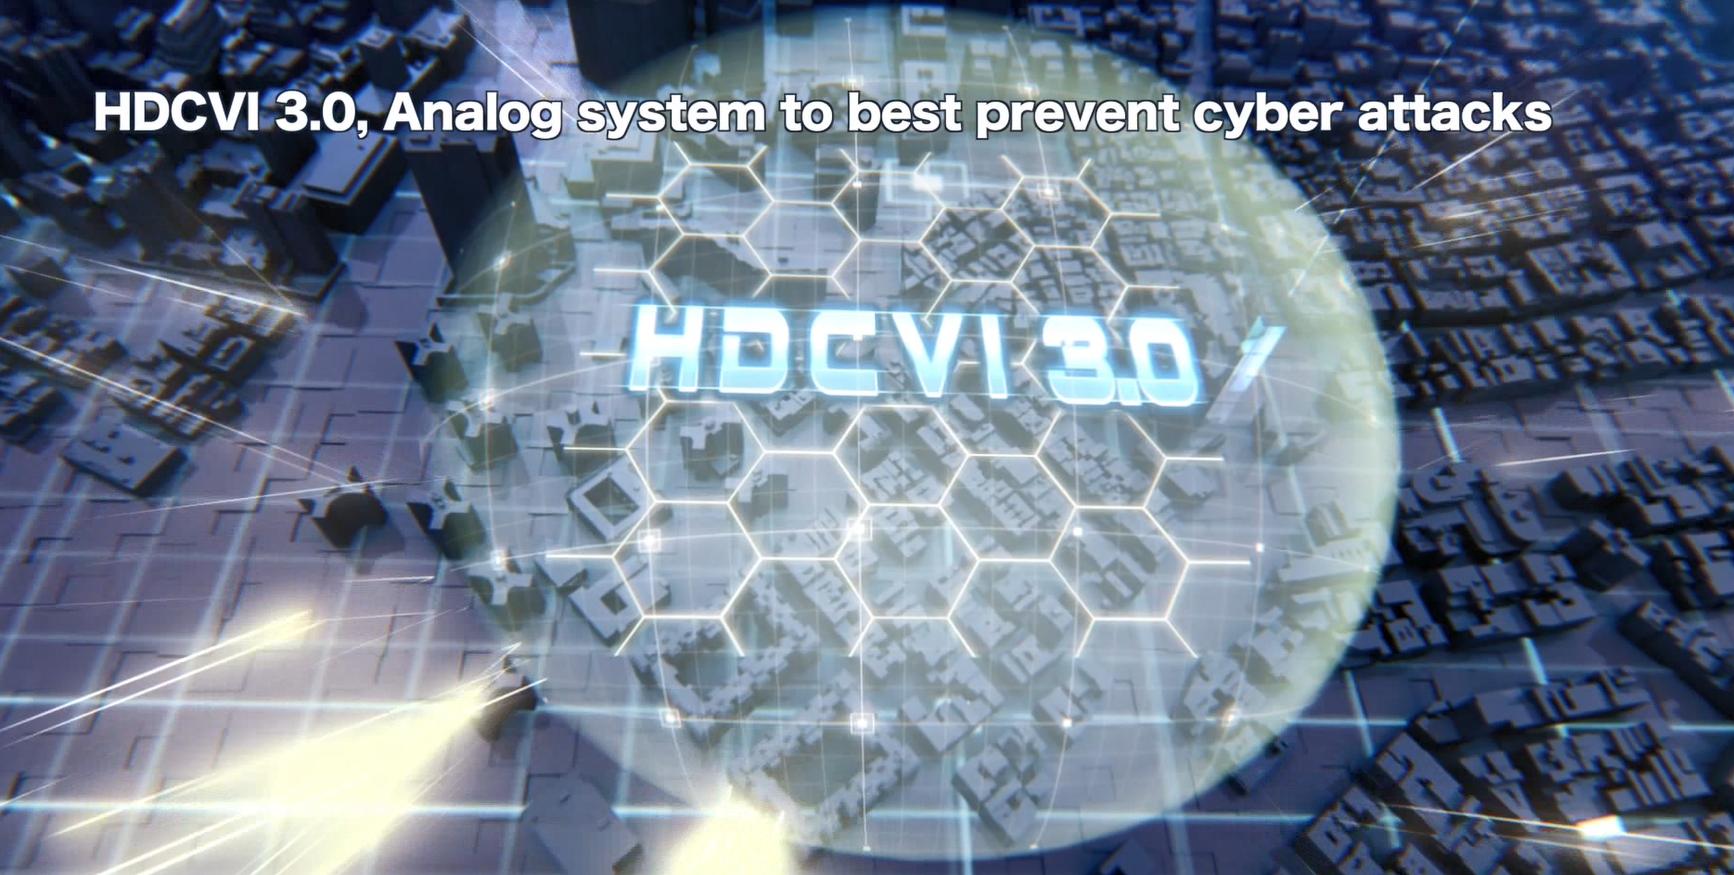 Dahua HDCVI3.0